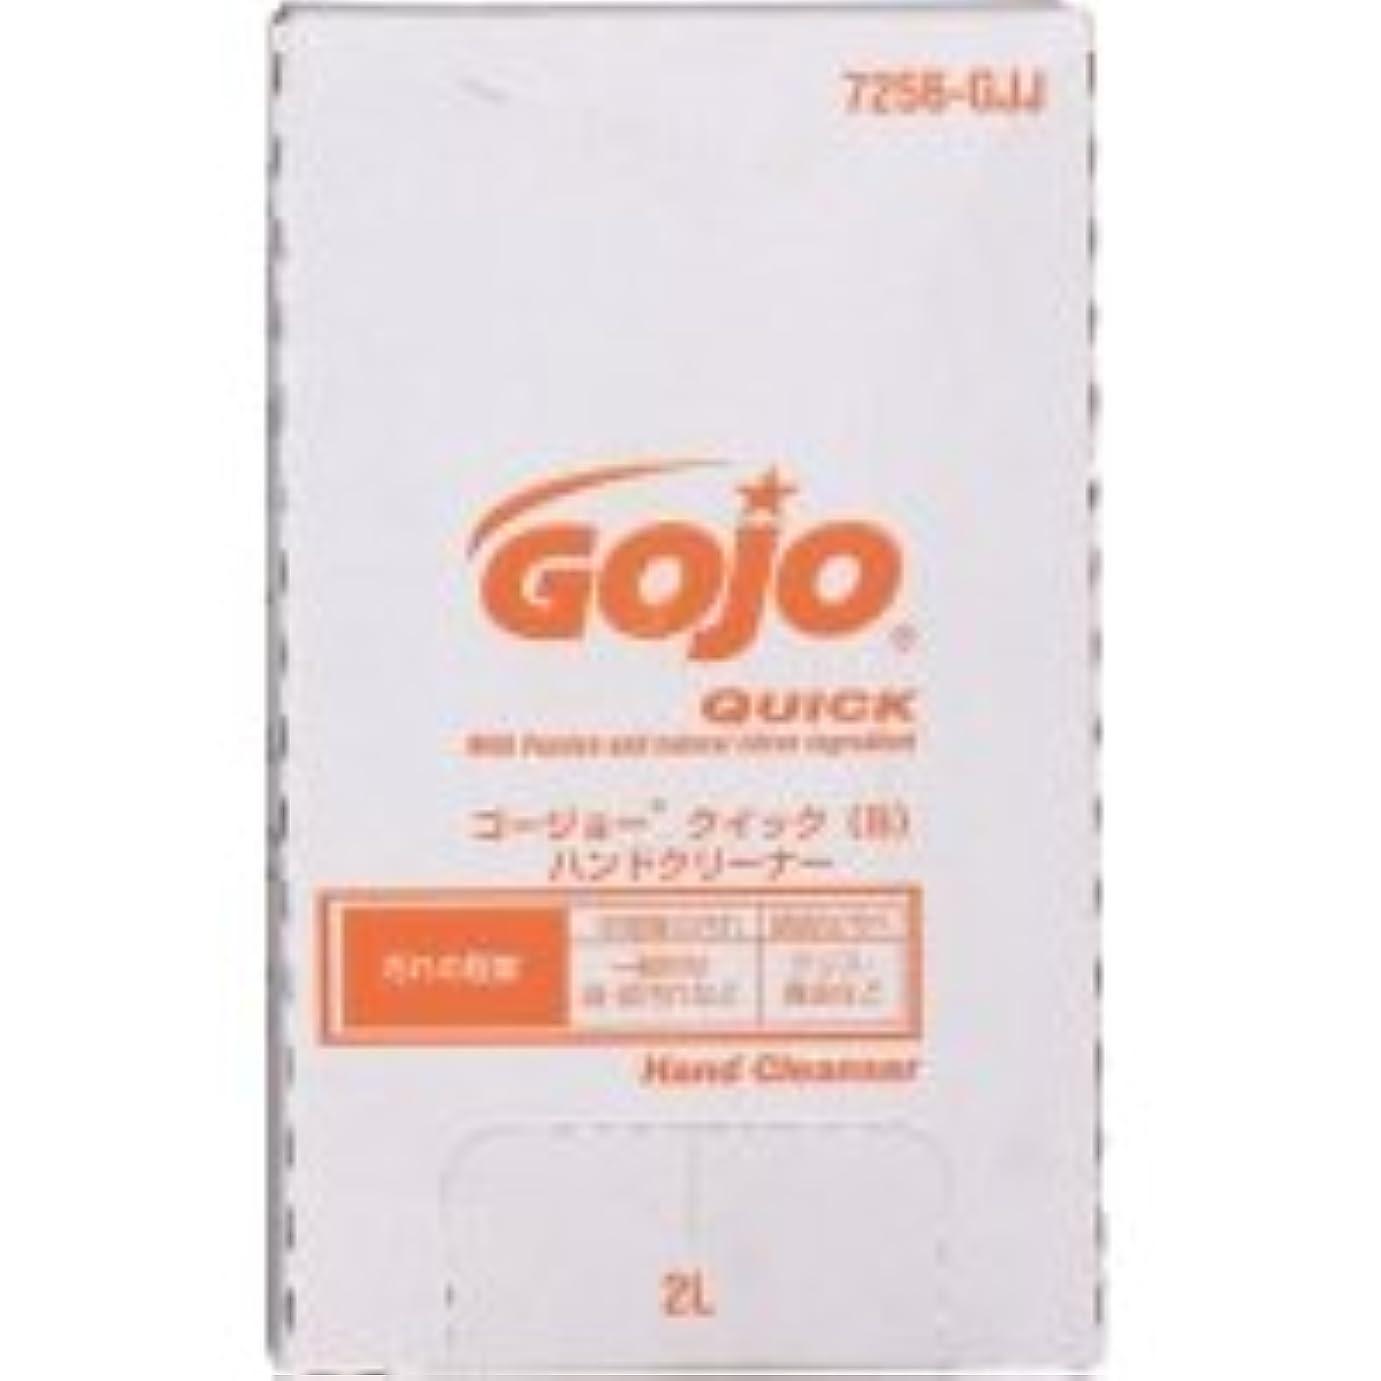 アクション効率的決定するGOJO クイック(S)ハンドクリーナー ディスペンサー用 2000ml 1個